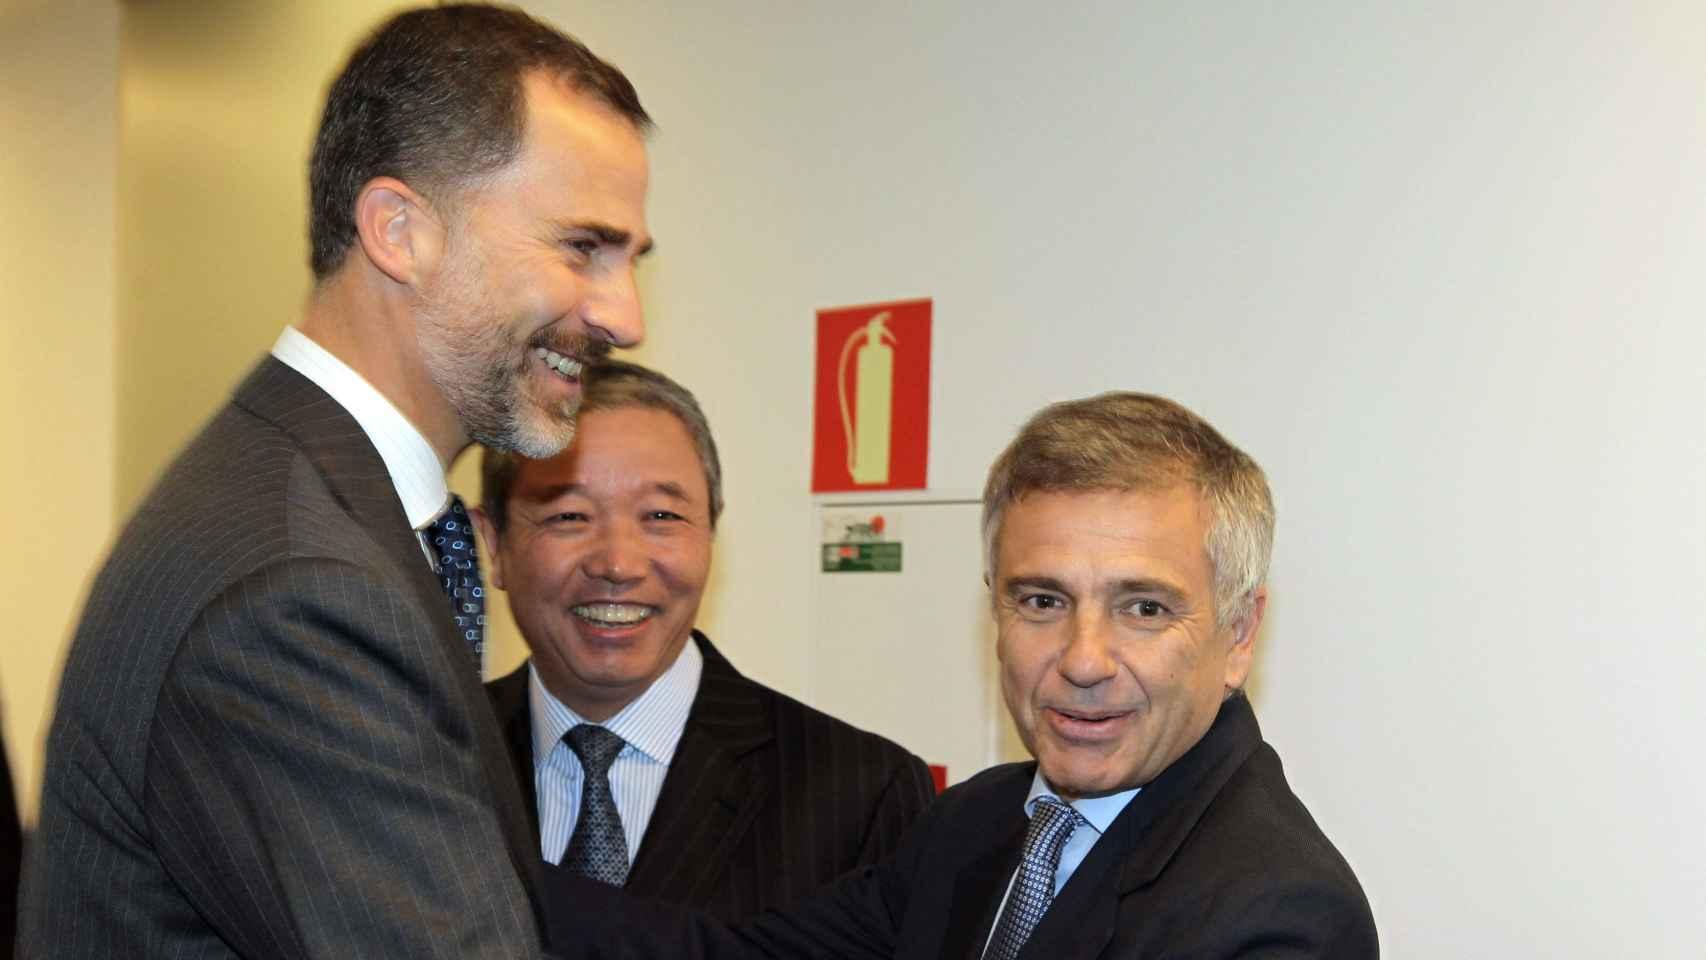 Felipe VI saluda a Juan Antonio Samaranch, presidente de la Fundación Samaranch